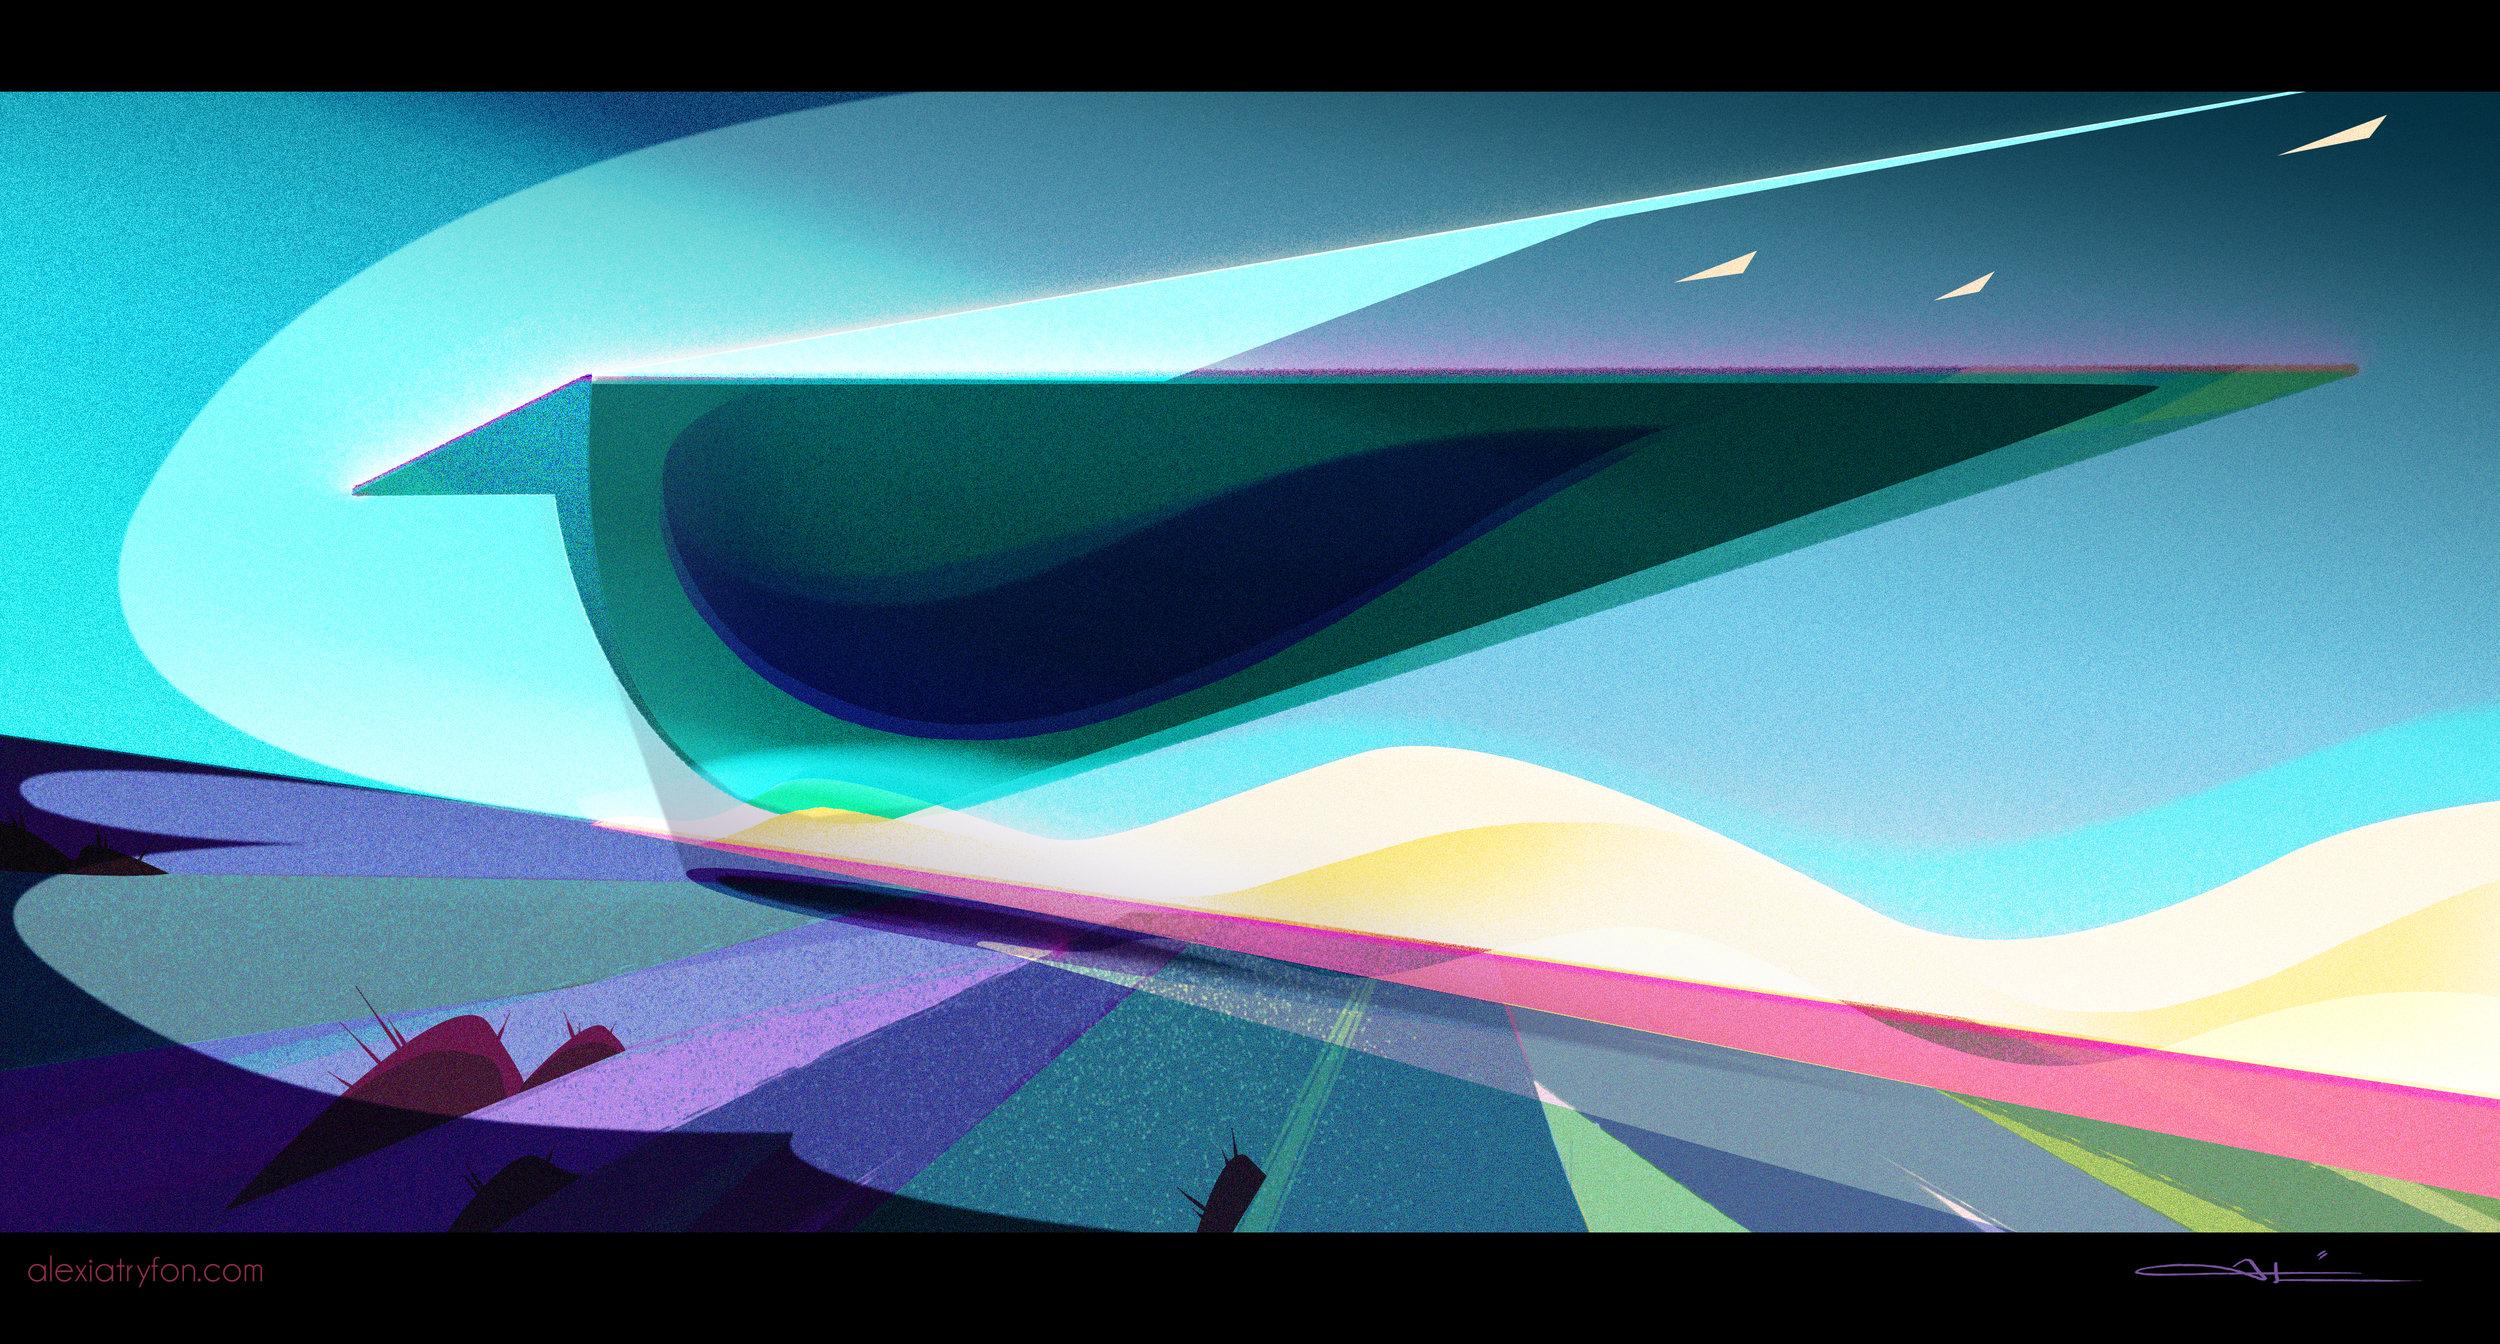 Voyager_3.jpg